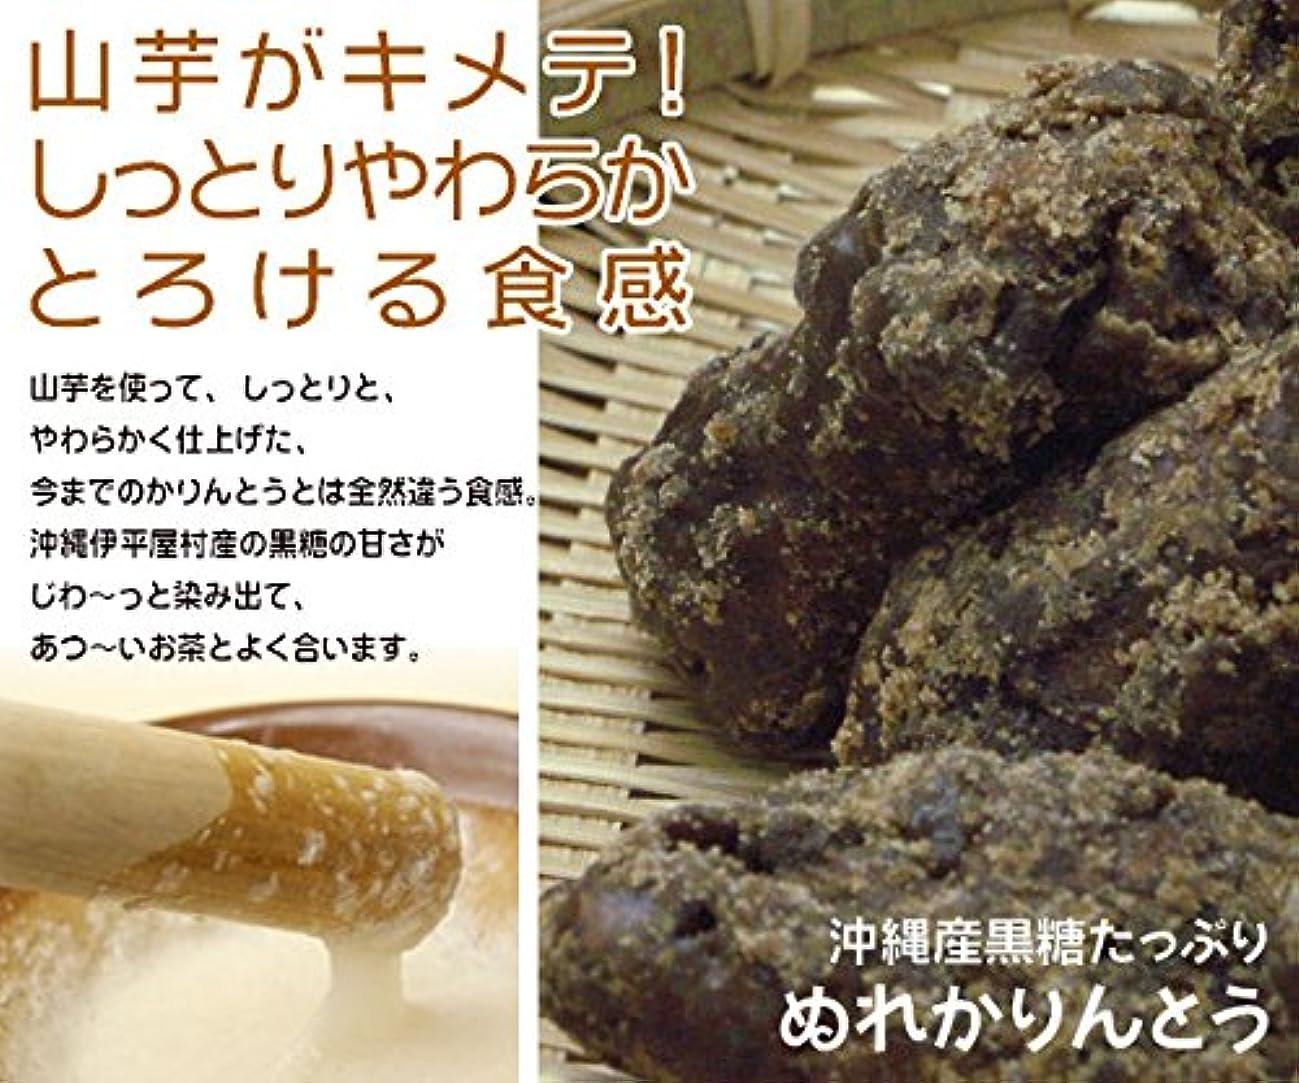 異なるリブ肉の沖縄産黒糖たっぷり ぬれかりんとう 2袋セット (黒糖?小豆)